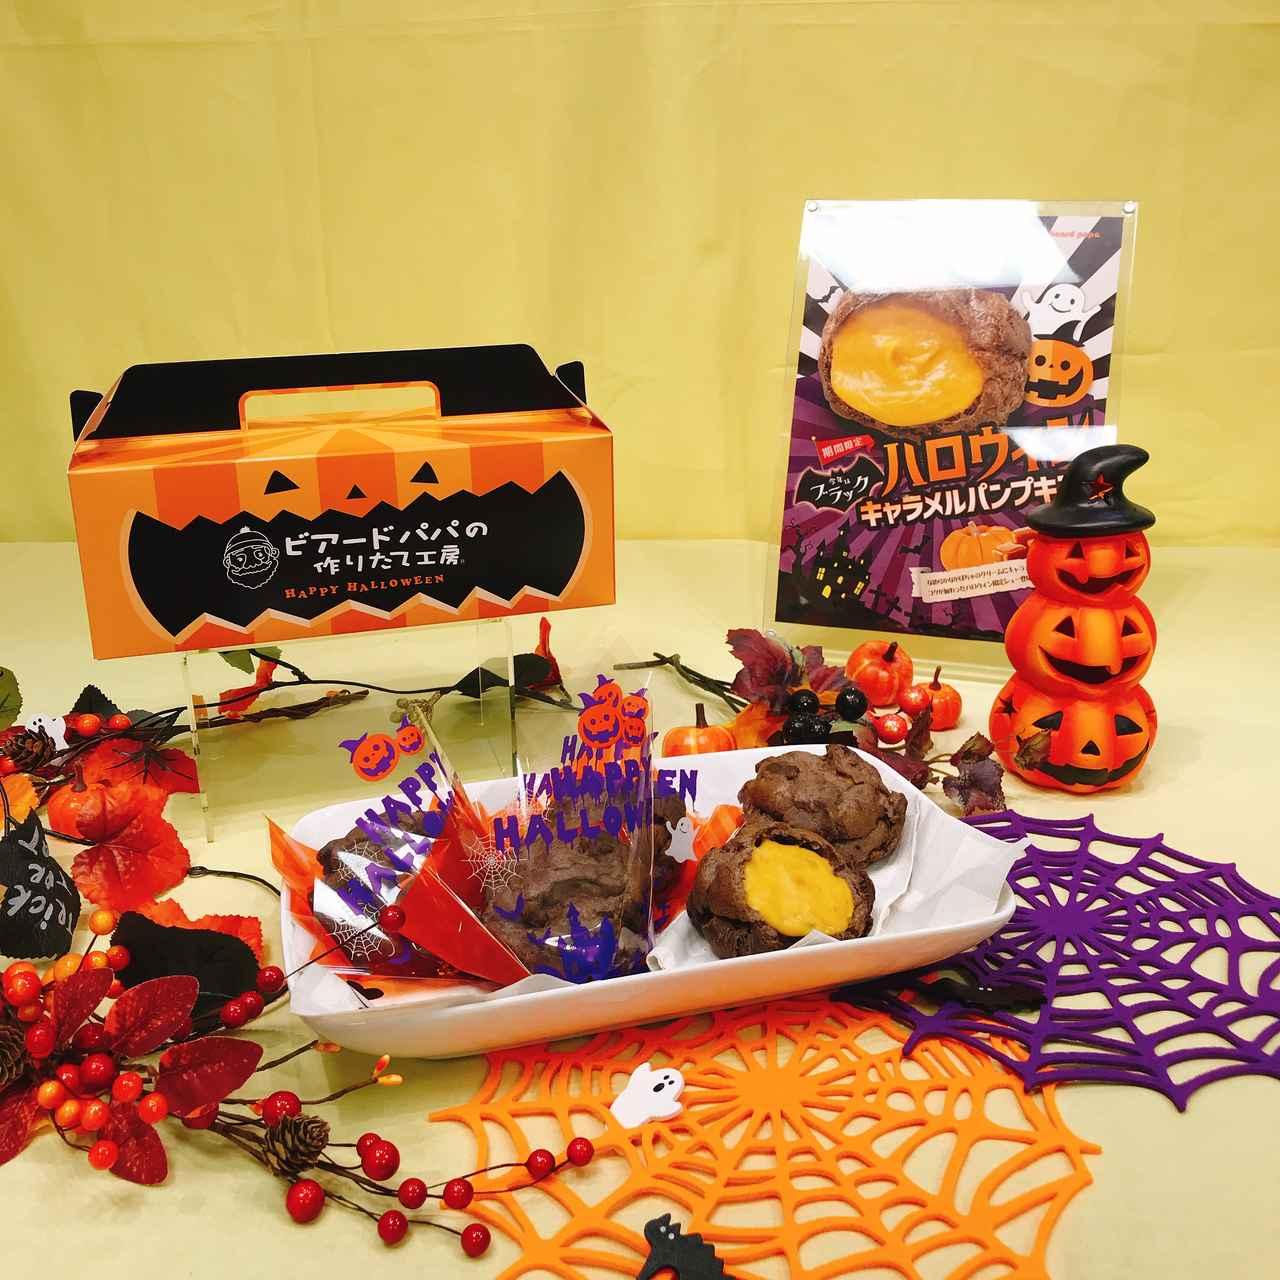 画像1: 【試食レポ】ハロウィン限定!ビアードパパの「ブラックハロウィンパンプキンシュー」新発売!